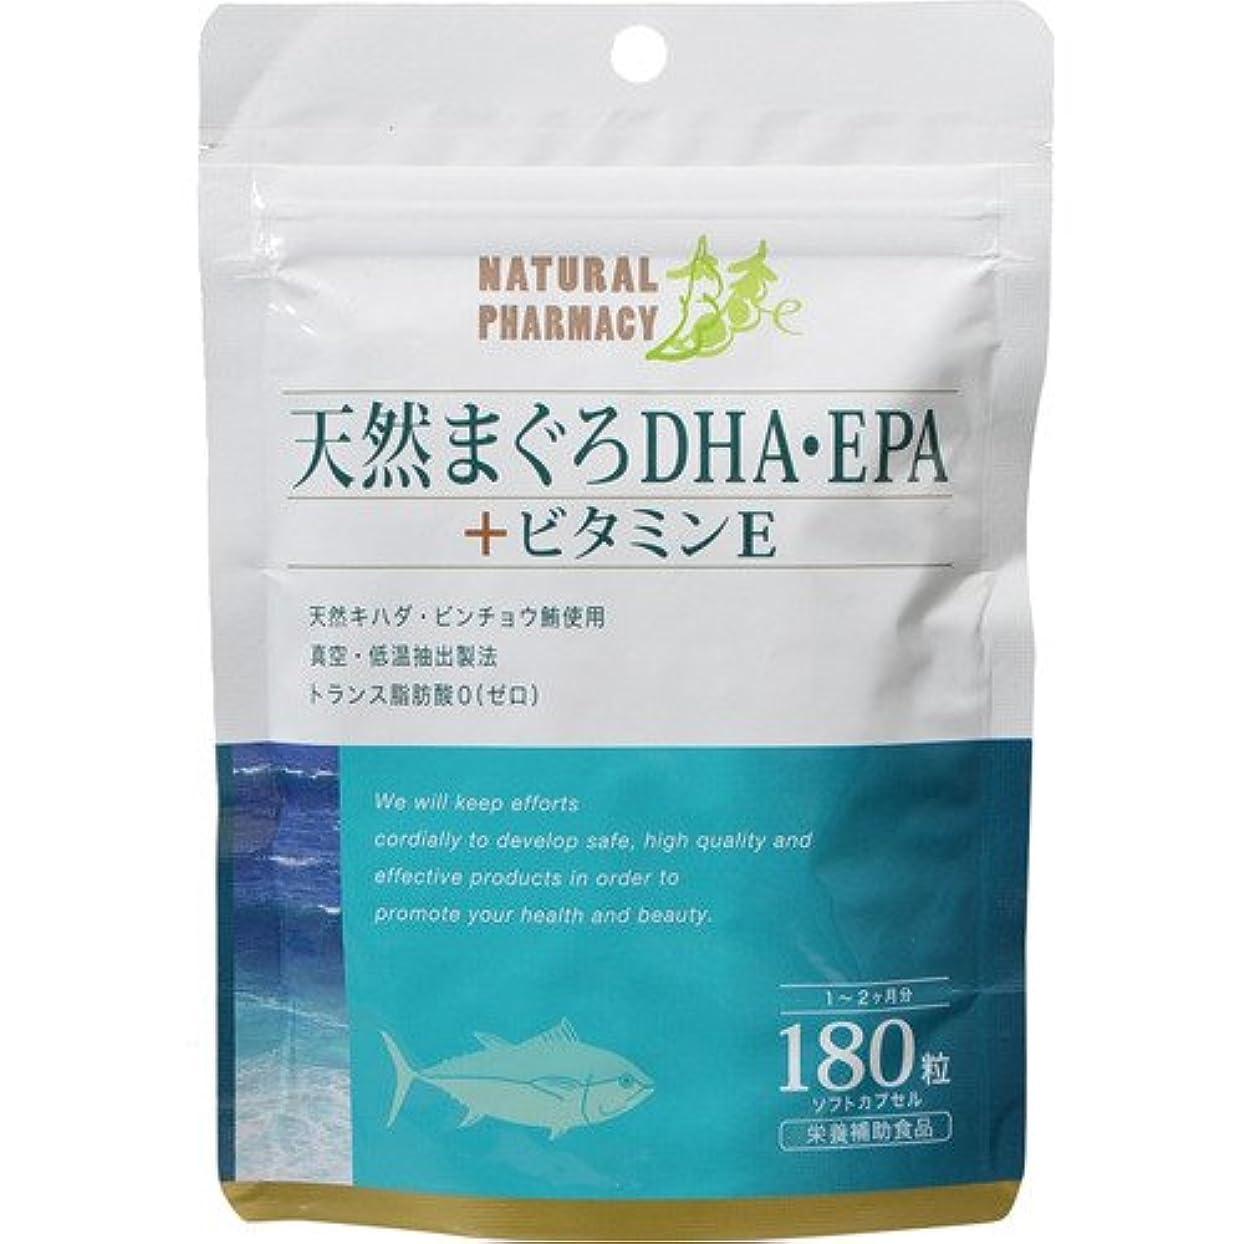 無傷決めますとげのあるすみや 天然まぐろDHA?EPA+ビタミンE 180粒